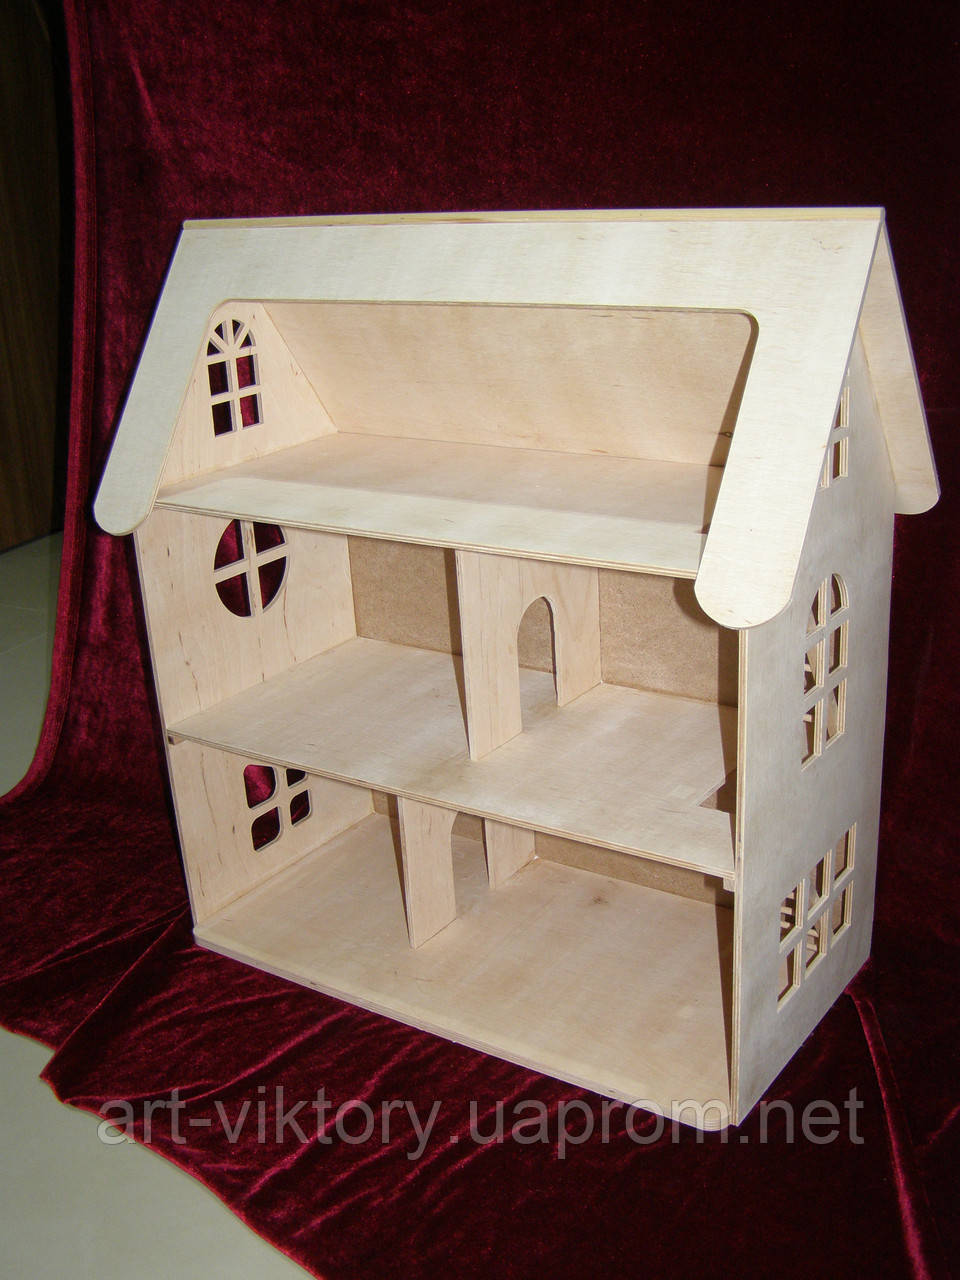 Ляльковий будиночок заготівля